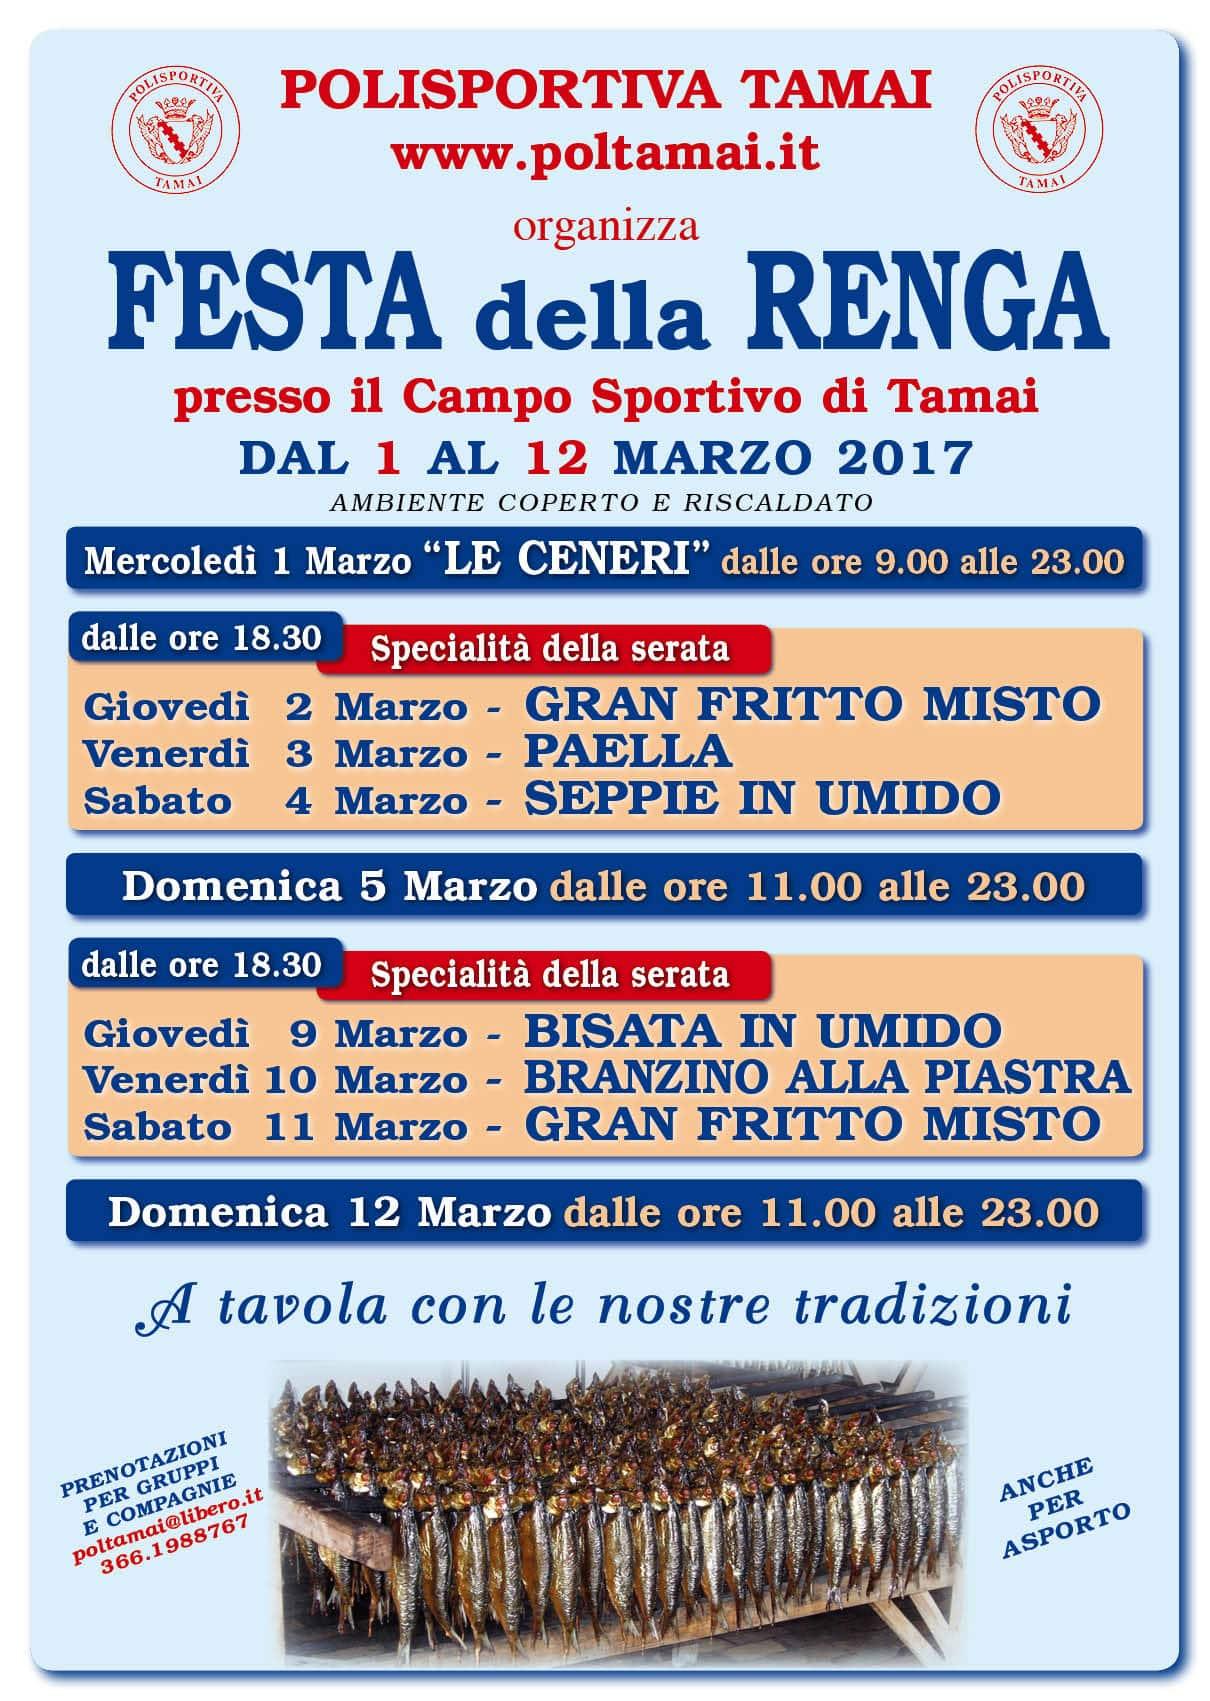 Manifesto Renga 2017